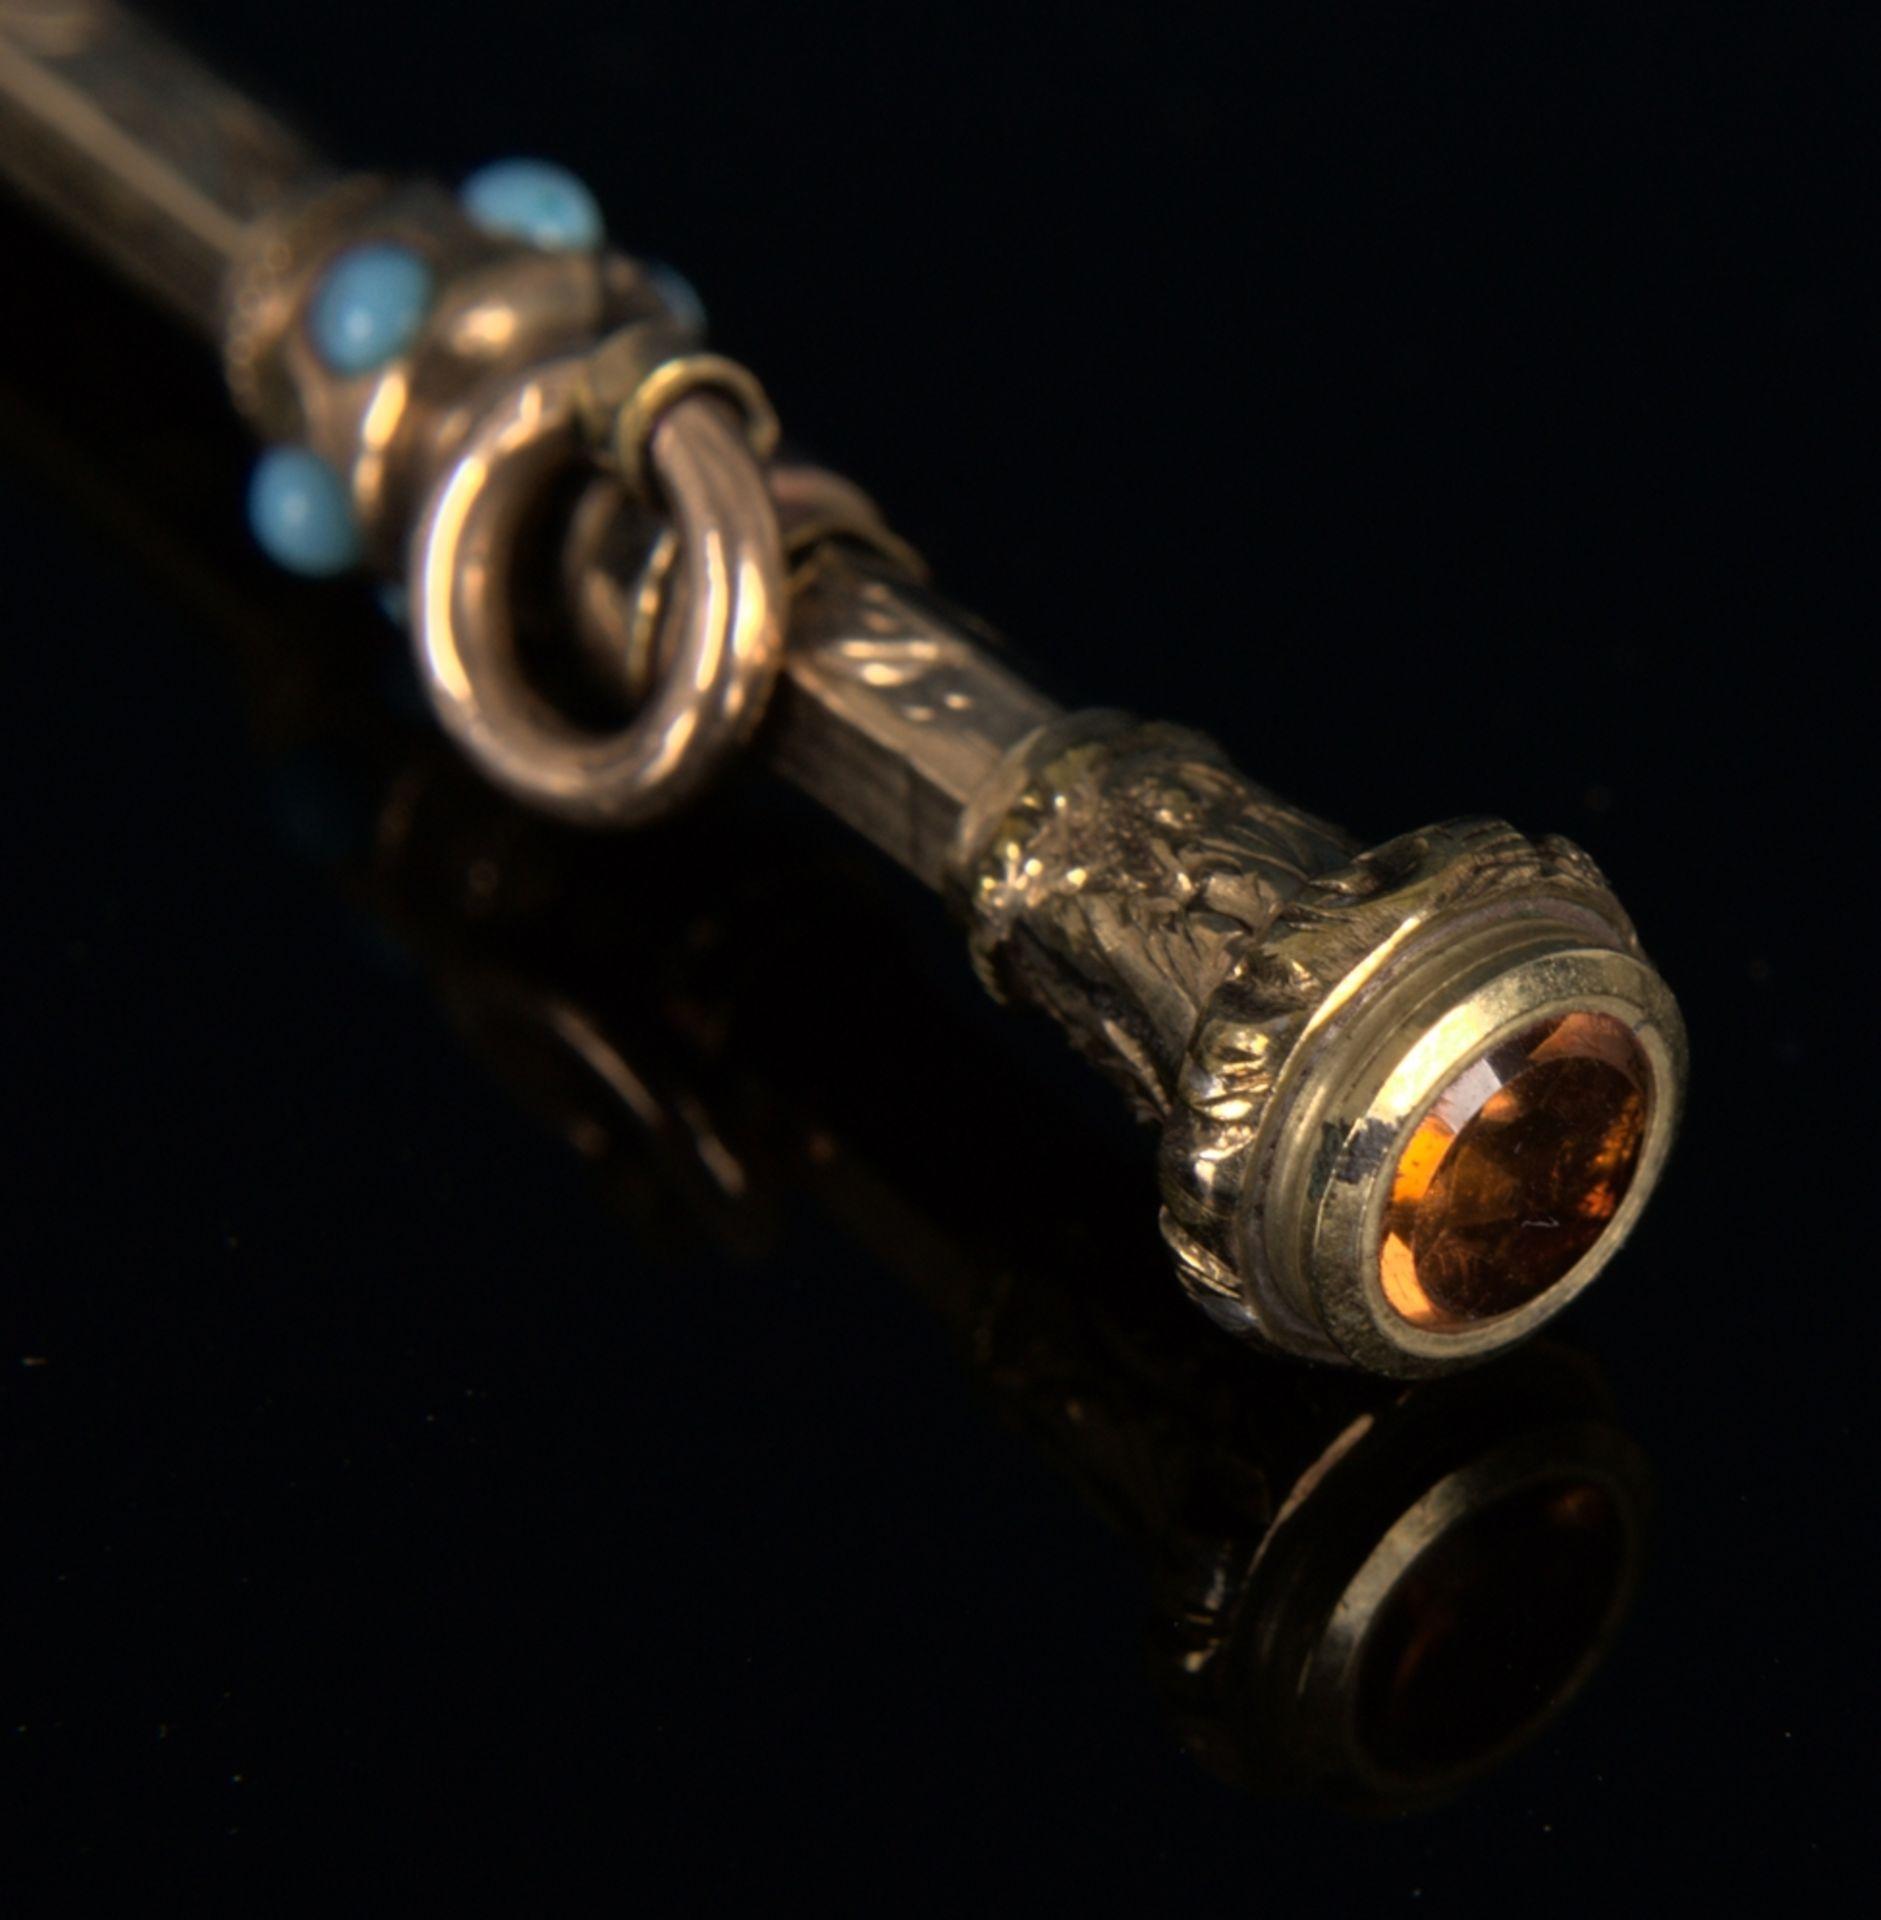 8teilige Sammlung versch. Taschenuhrenschlüssel, überwiegend 19. Jhd. Versch. Alter, Größen, - Bild 10 aus 24